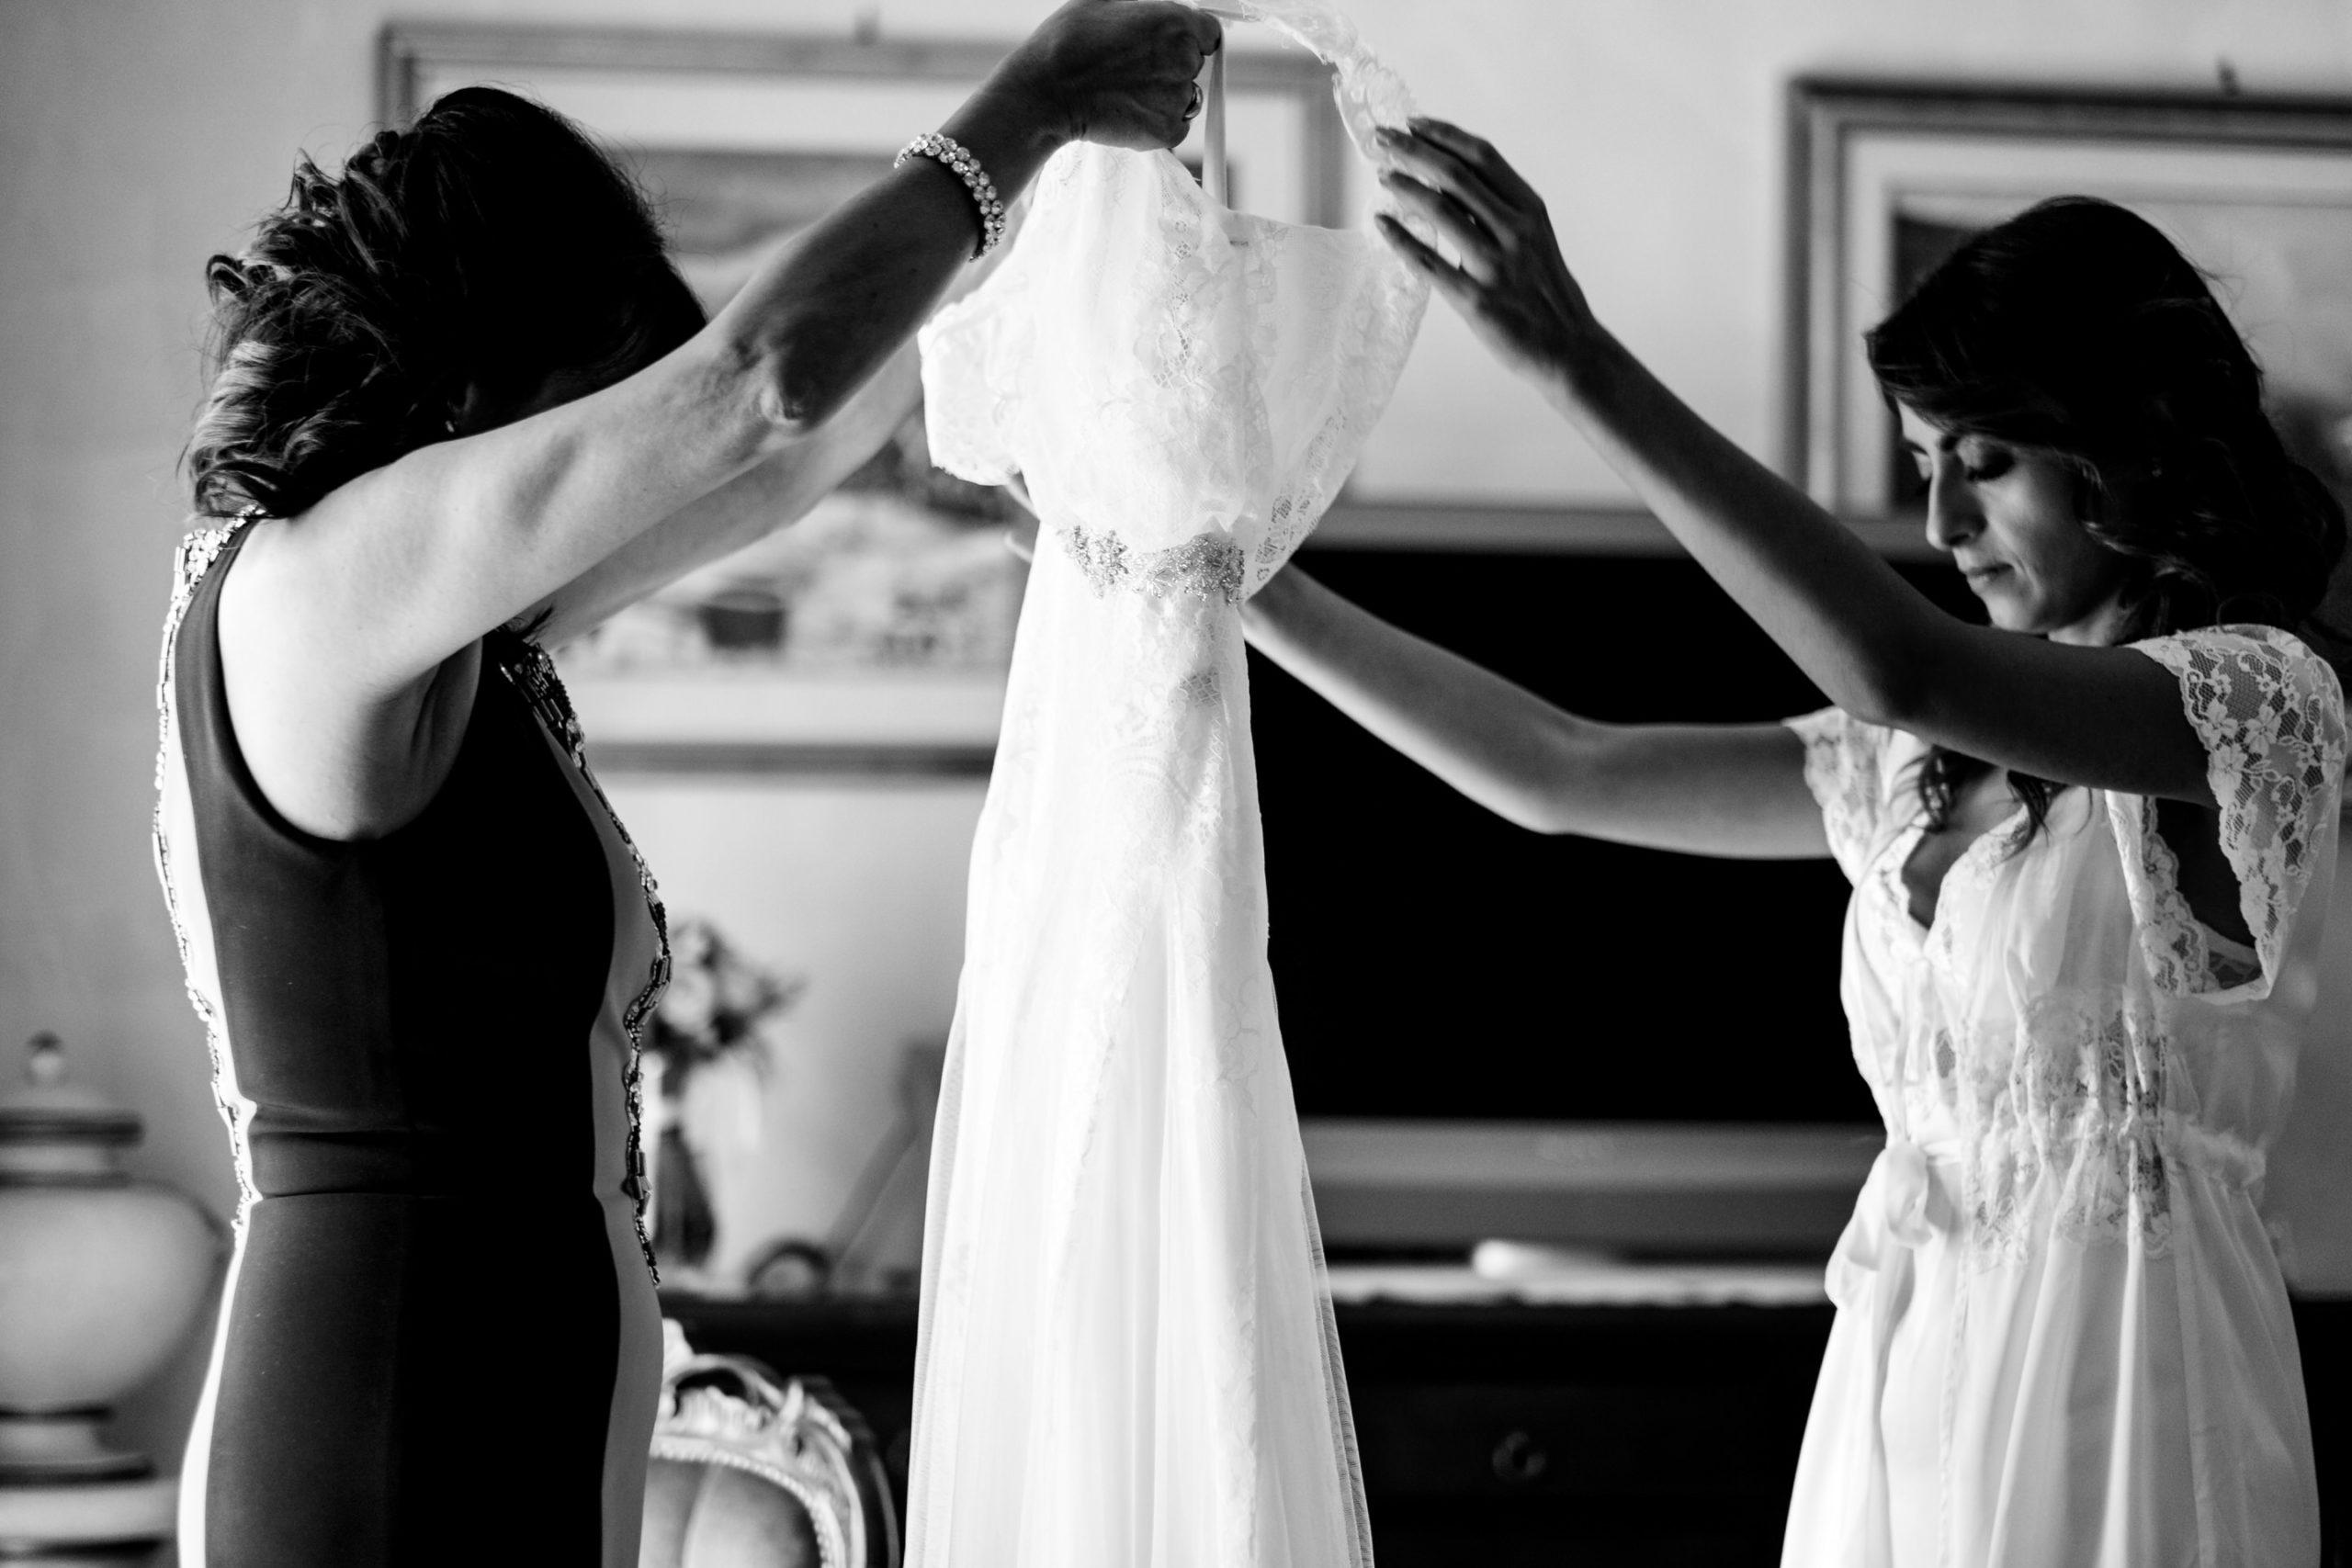 Bride Dress Before Wearing It